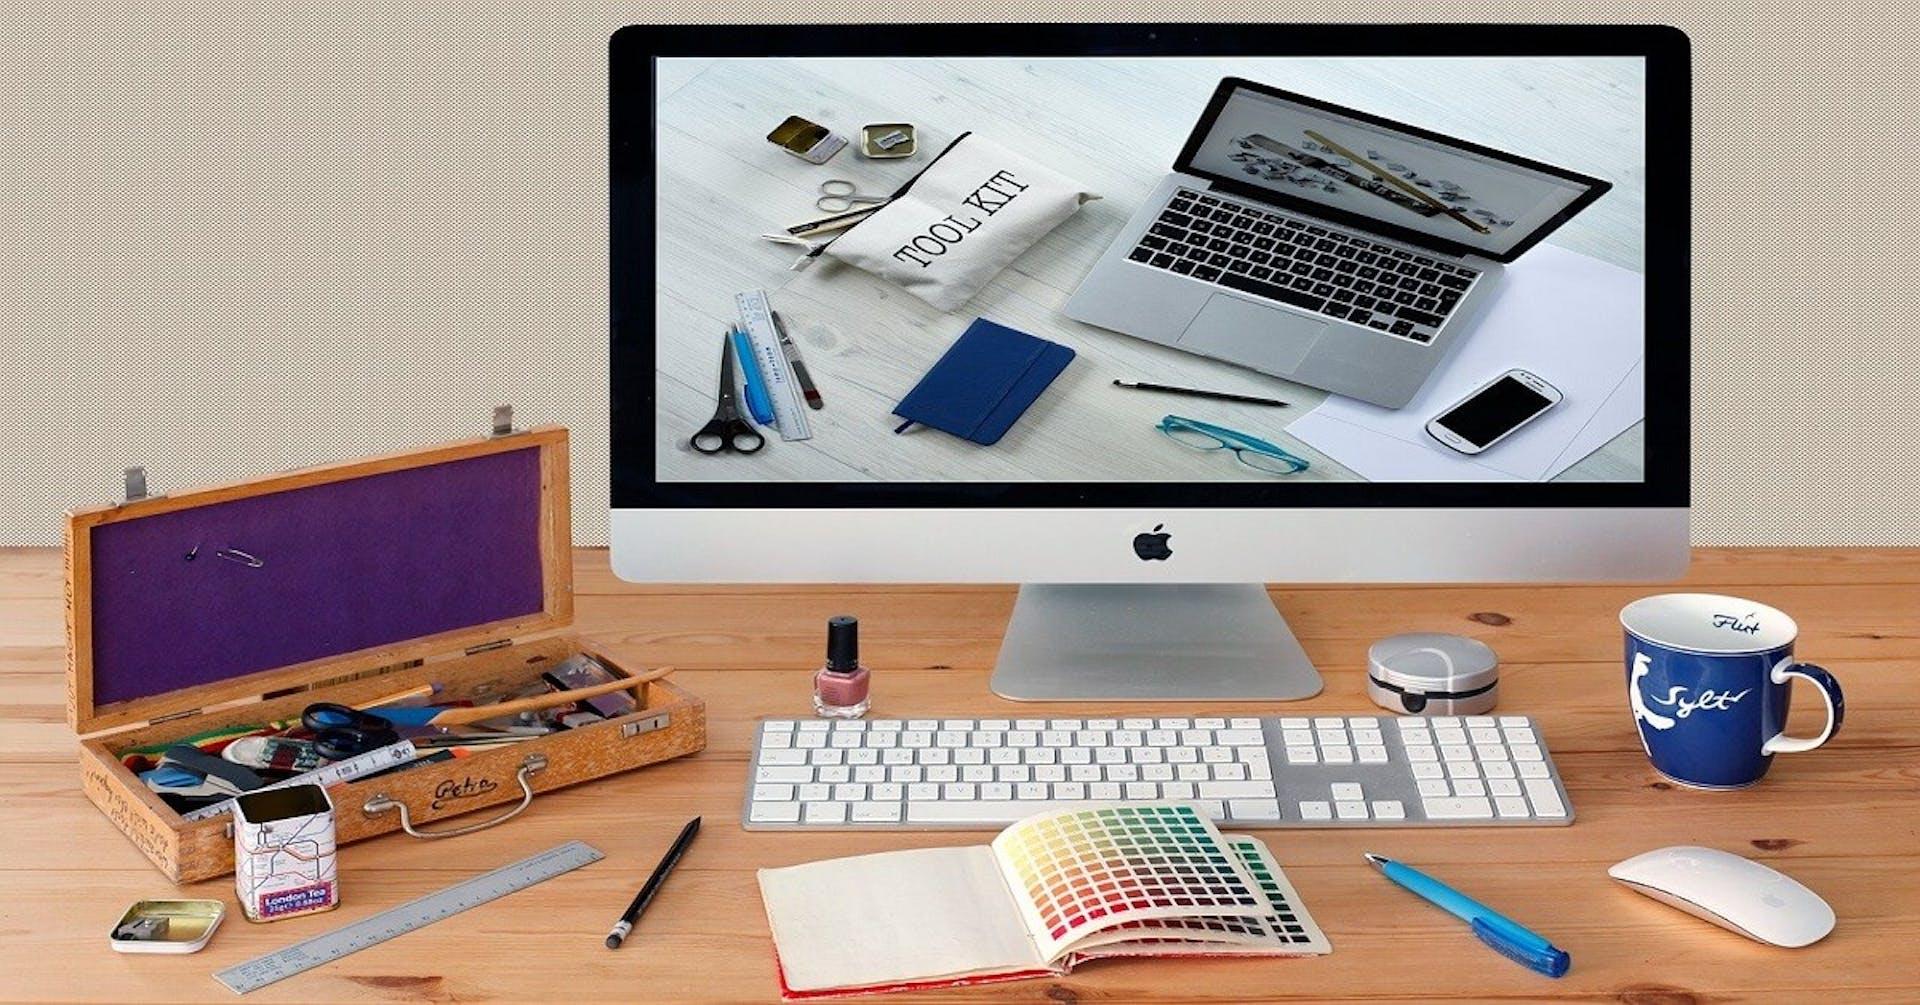 Crea tu portafolio de diseñador gráfico y ¡exalta tus proyectos!